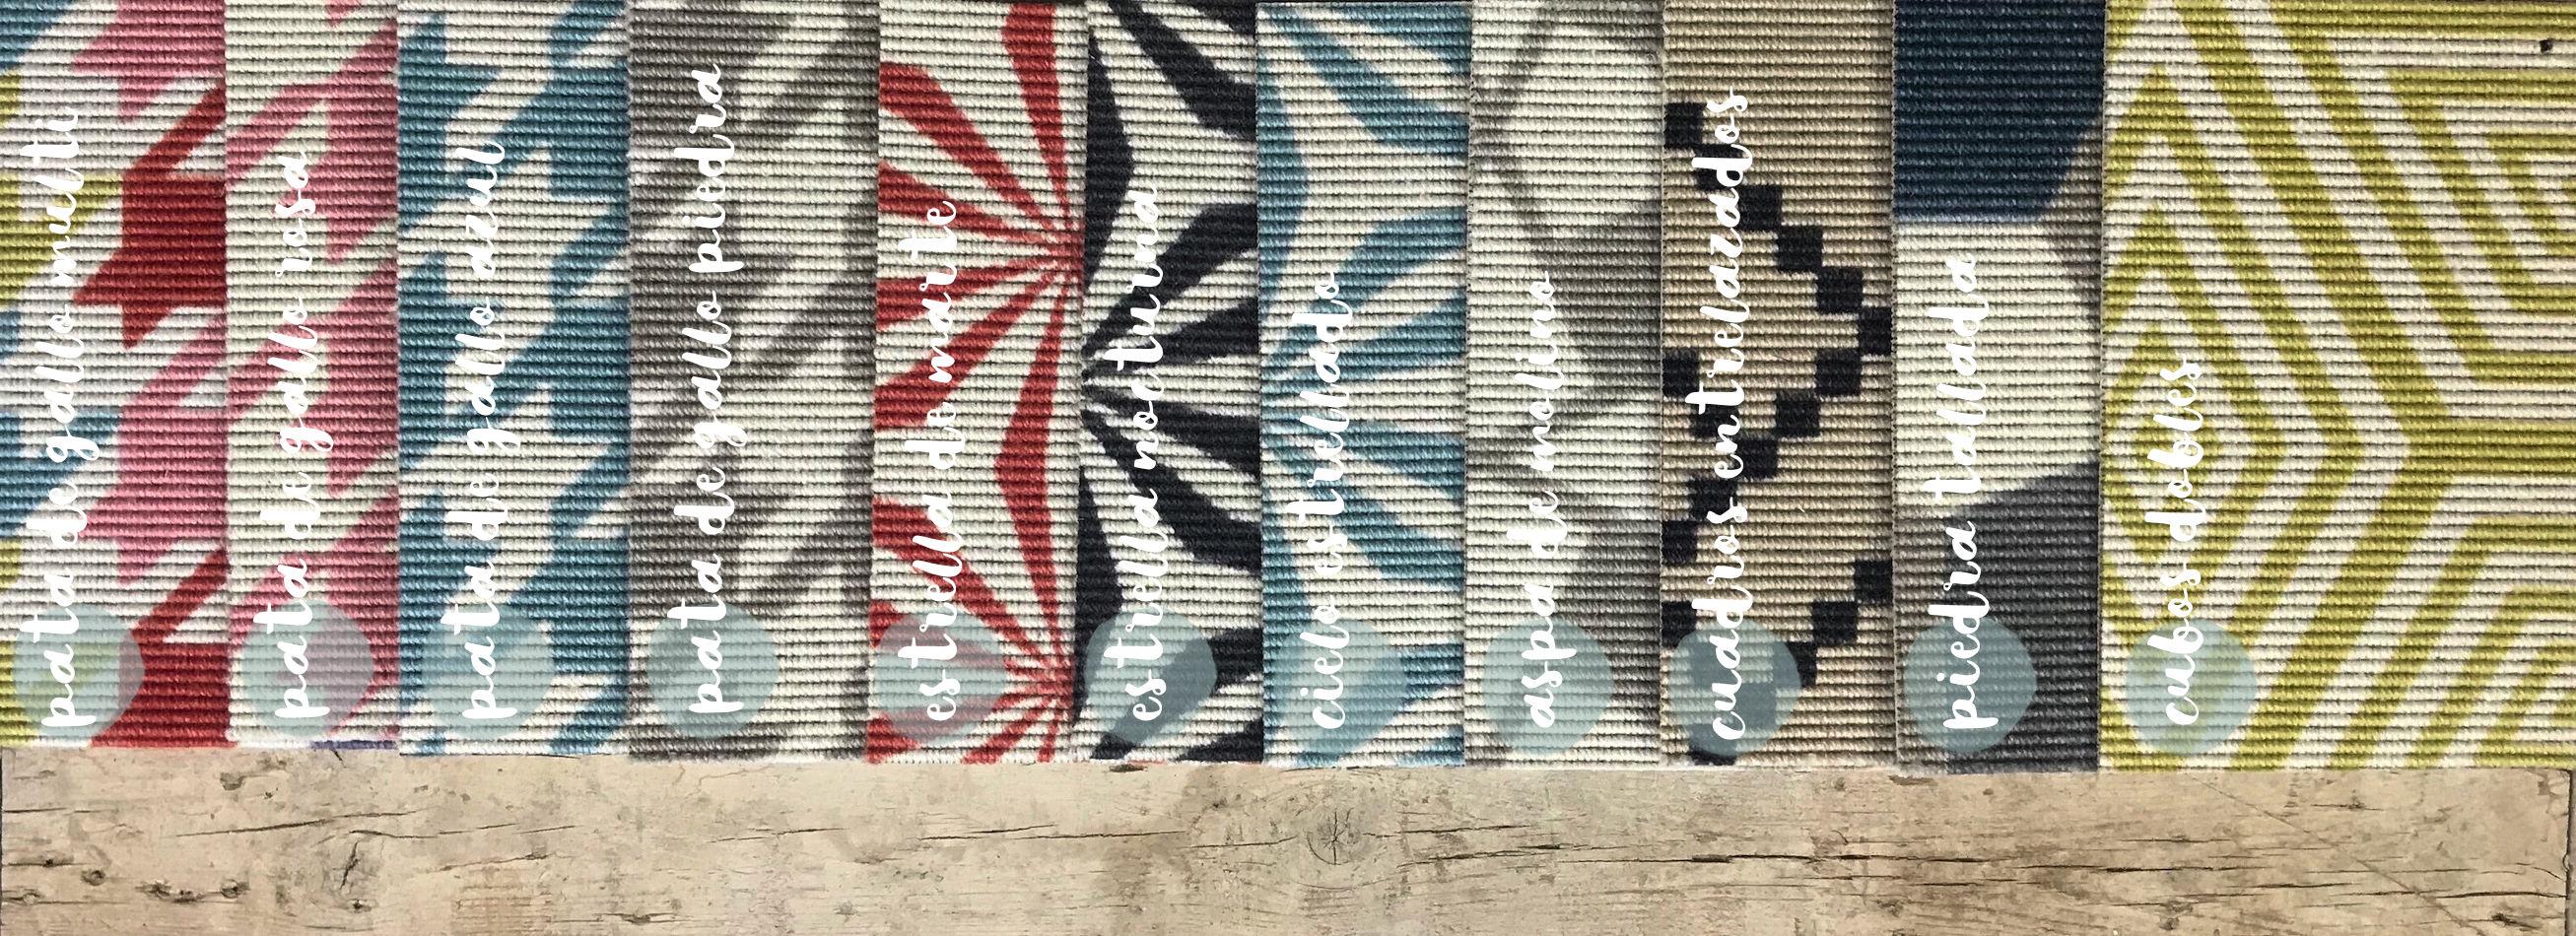 Tienda online alfombras ao las alfombras geom trikas de for Alfombras online